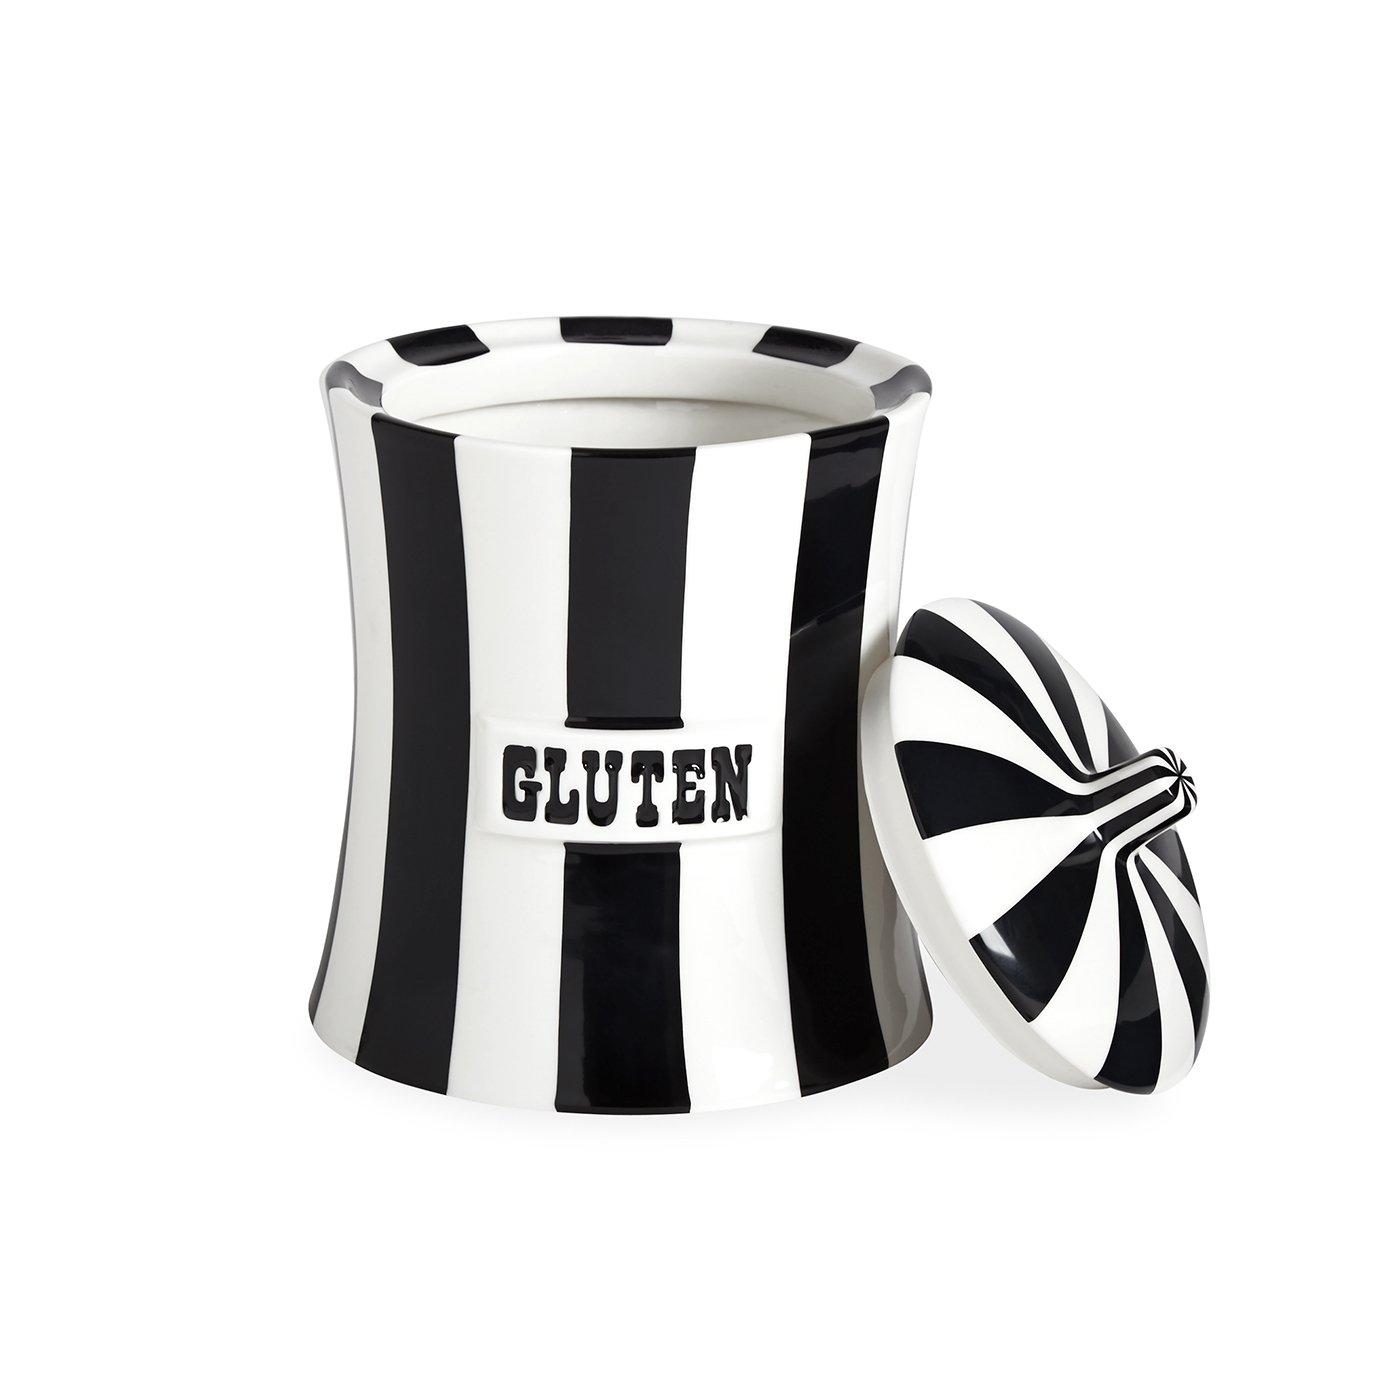 Jonathan Adler - Canister - Gluten - Black & White